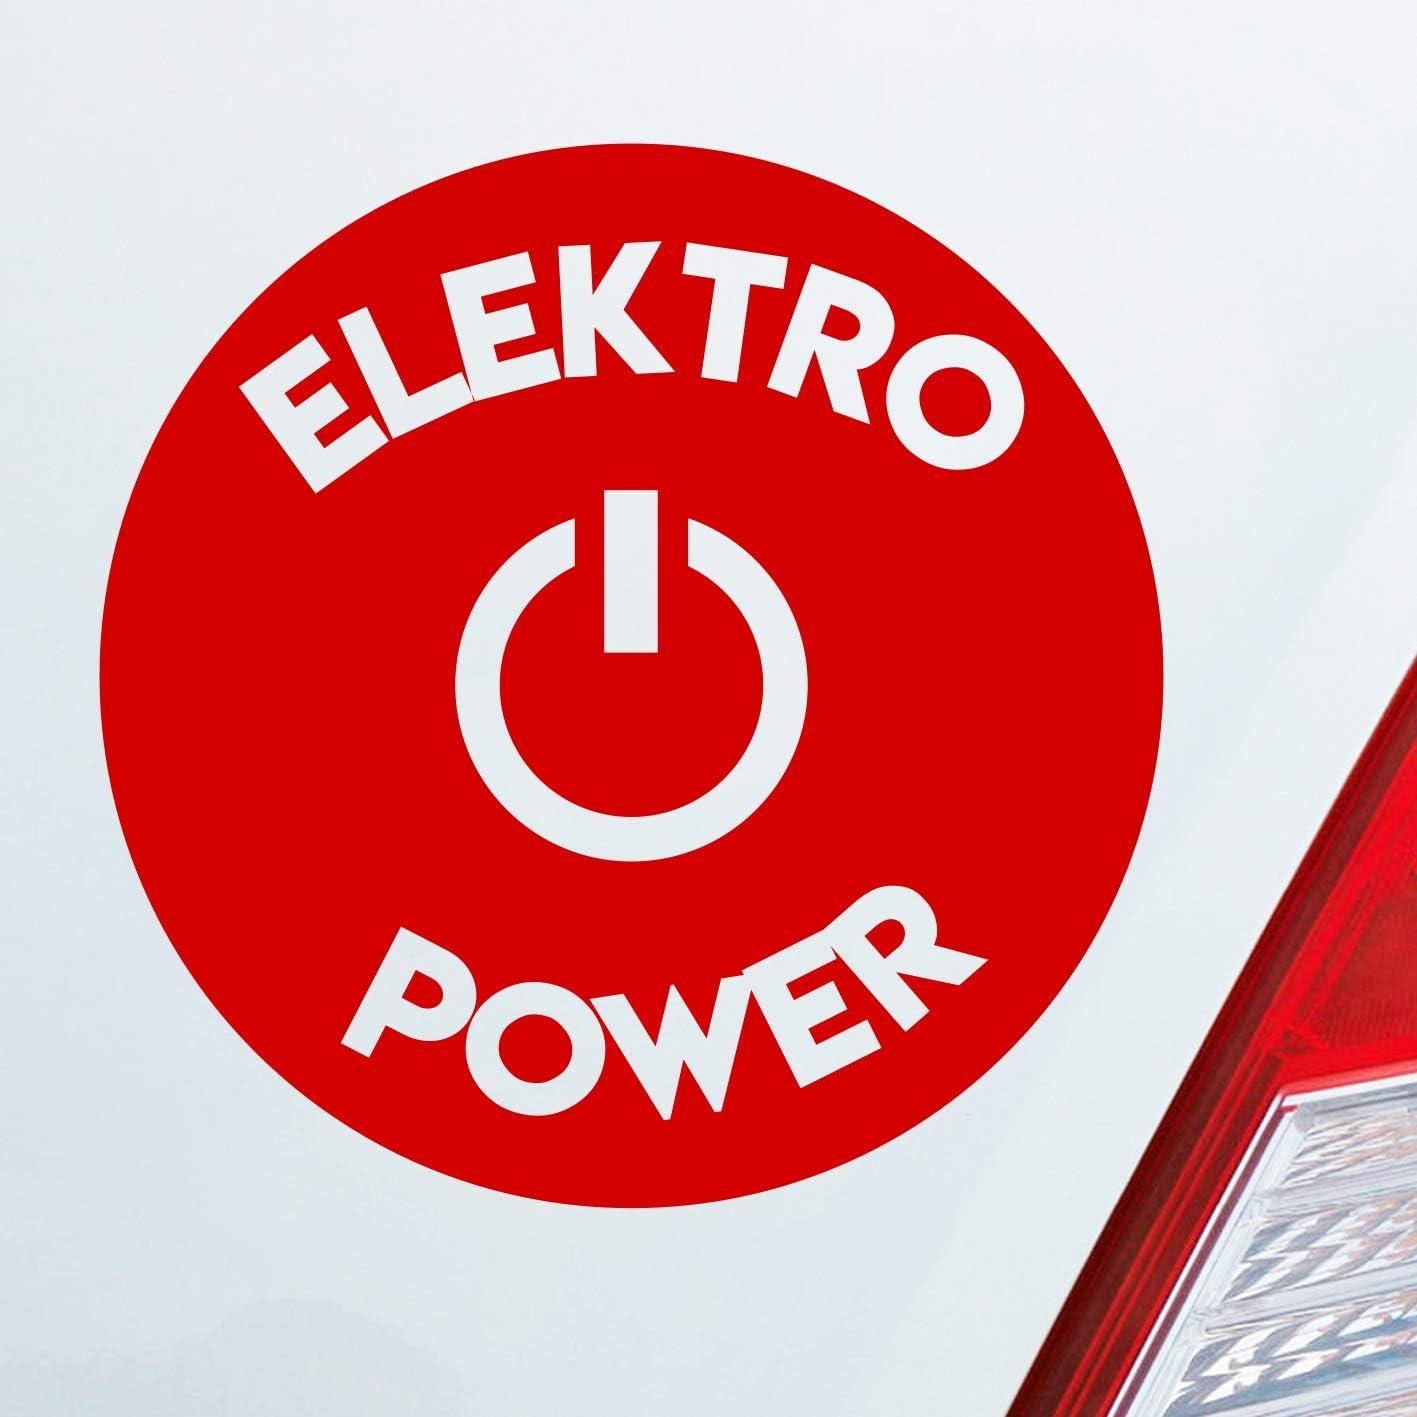 Environ 10 x 10 cm Autocollant pour Voiture. /Énergie /écologique /électricit/é /électrique Autocollant pour Voiture dans Votre Couleur de Votre Choix